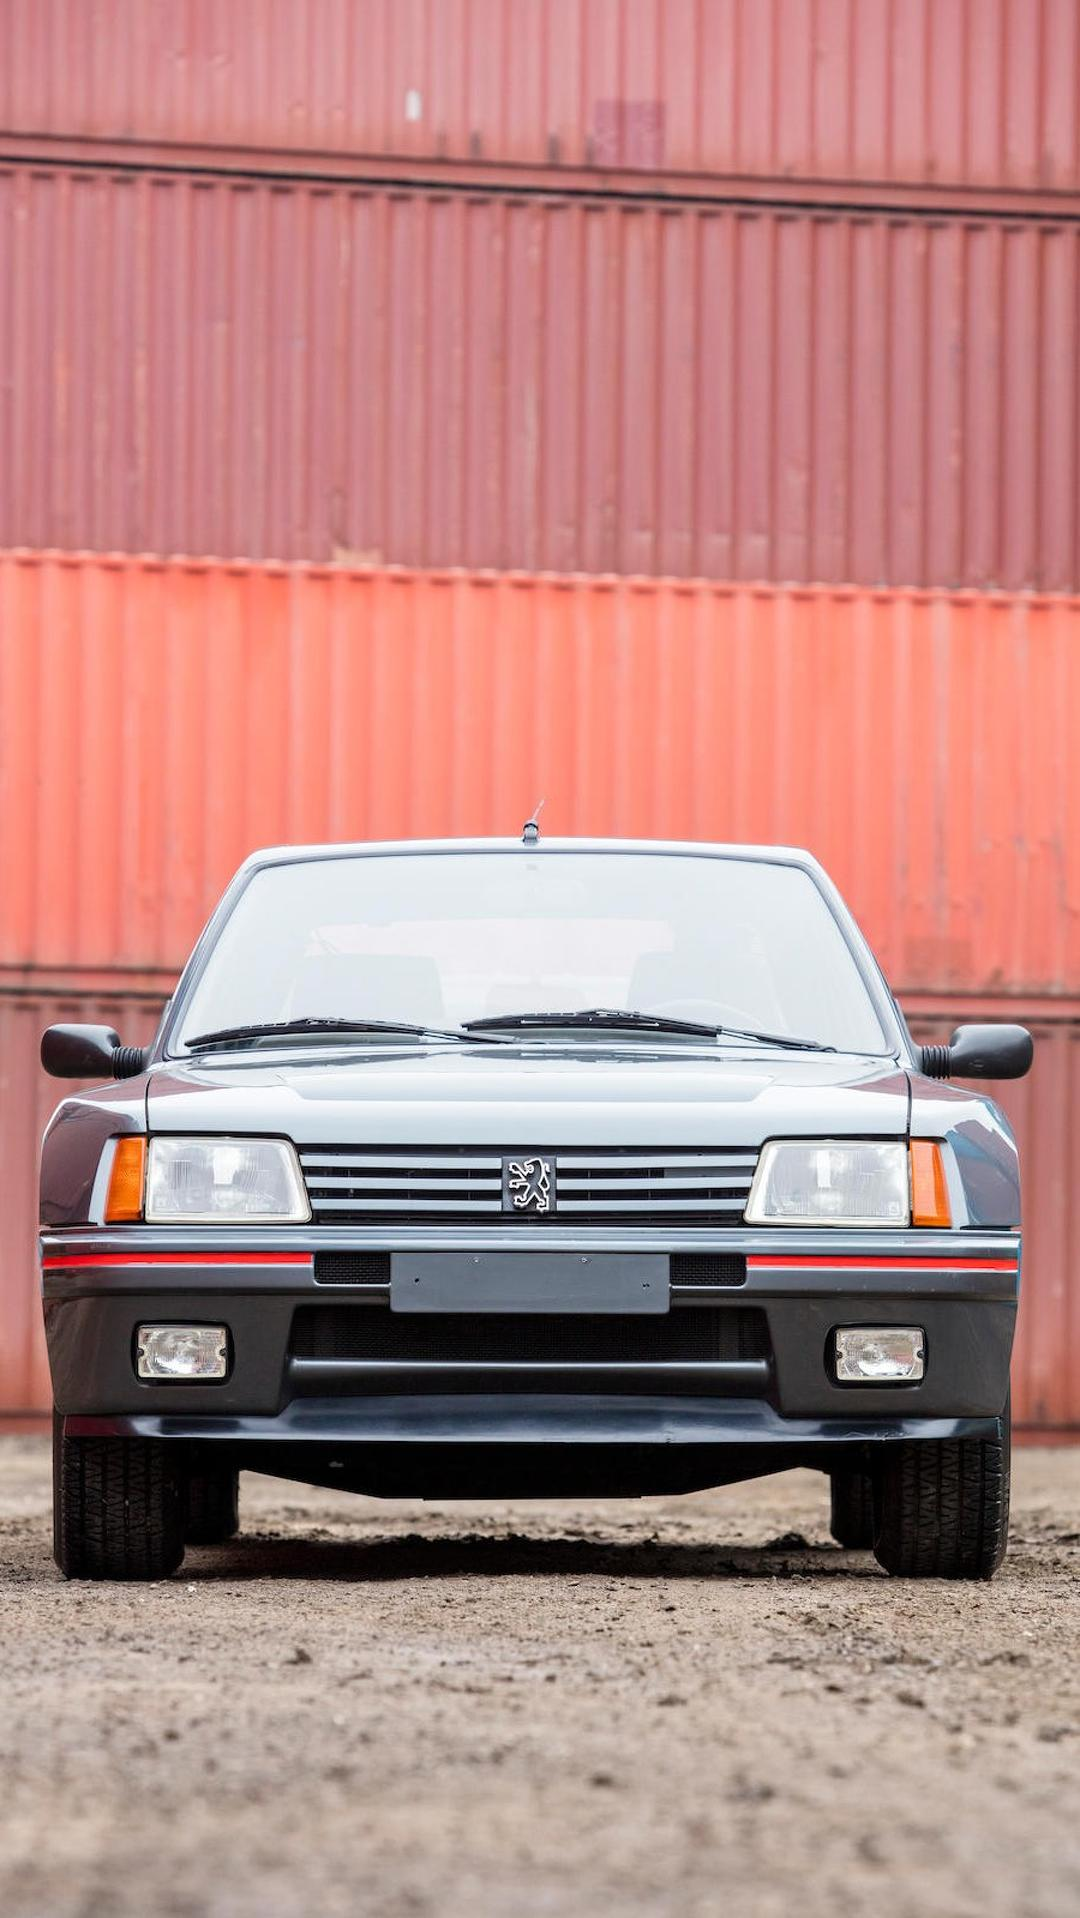 1985_Peugeot_205_Turbo_16_06